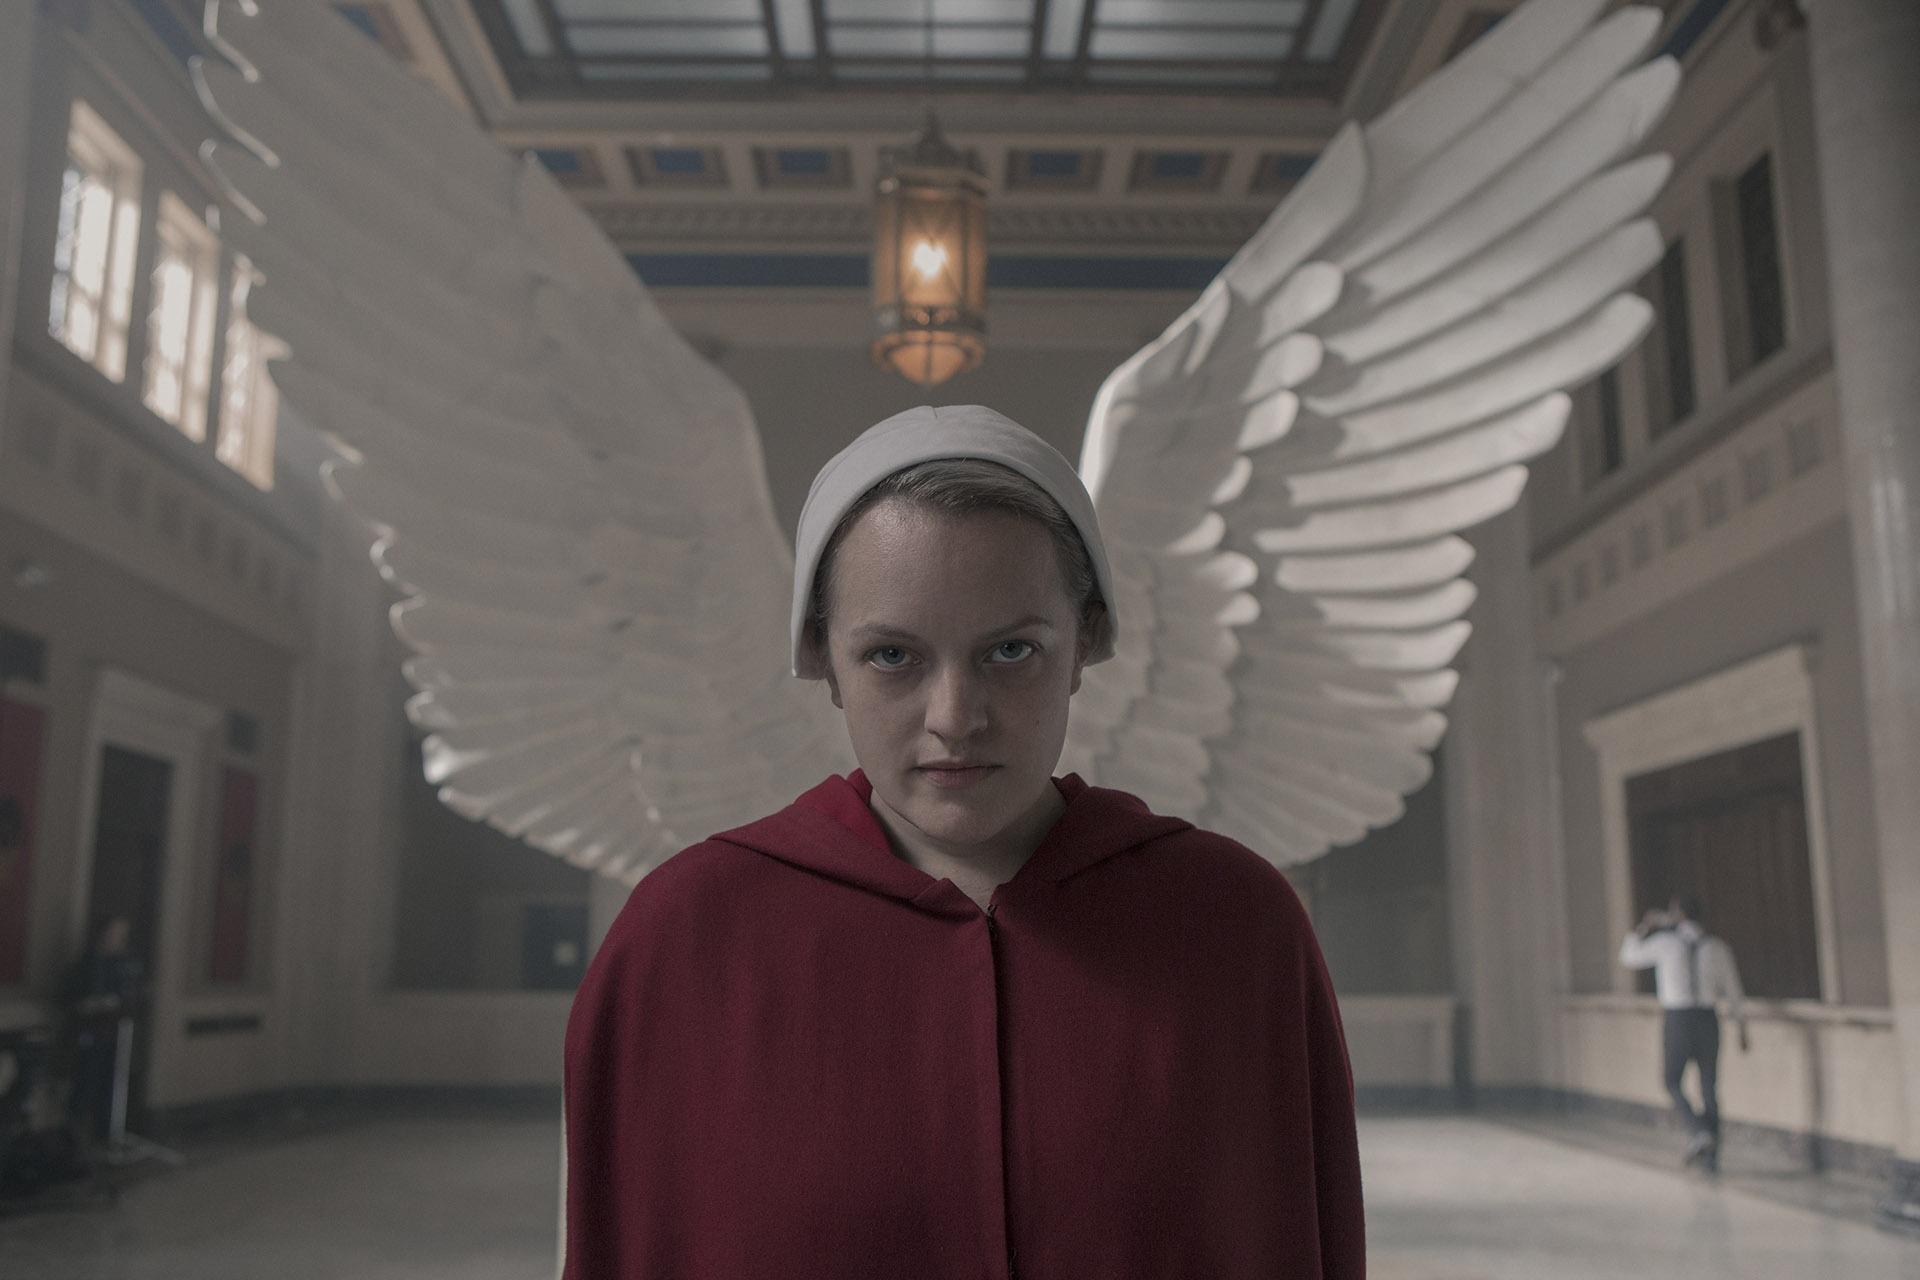 Il Racconto dell'Ancella, la recensione della stagione 4 (2021): dove va la serie tratta da Margaret Atwood